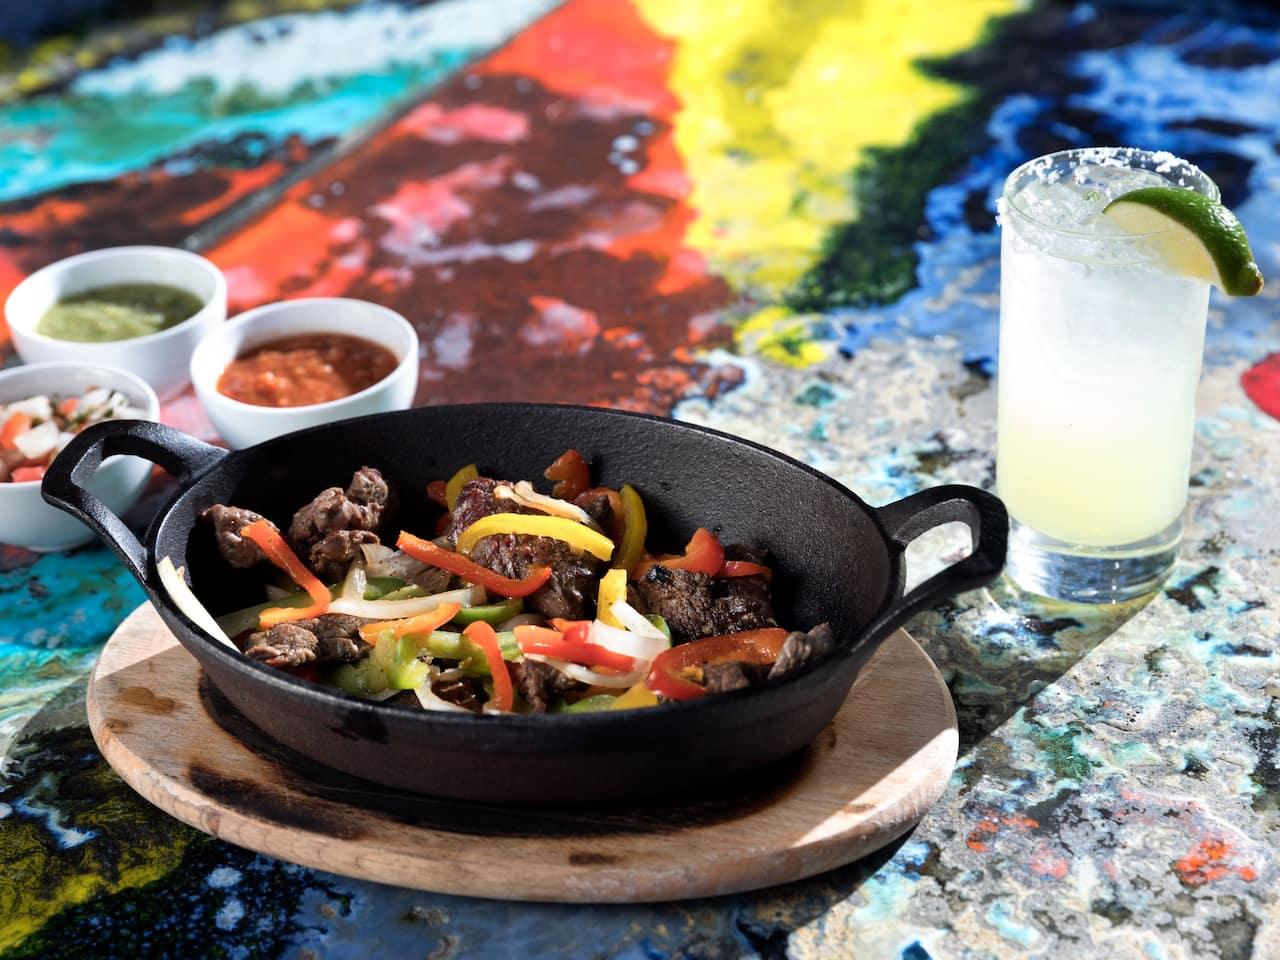 Hyatt Regency Austin Marker 10 meal